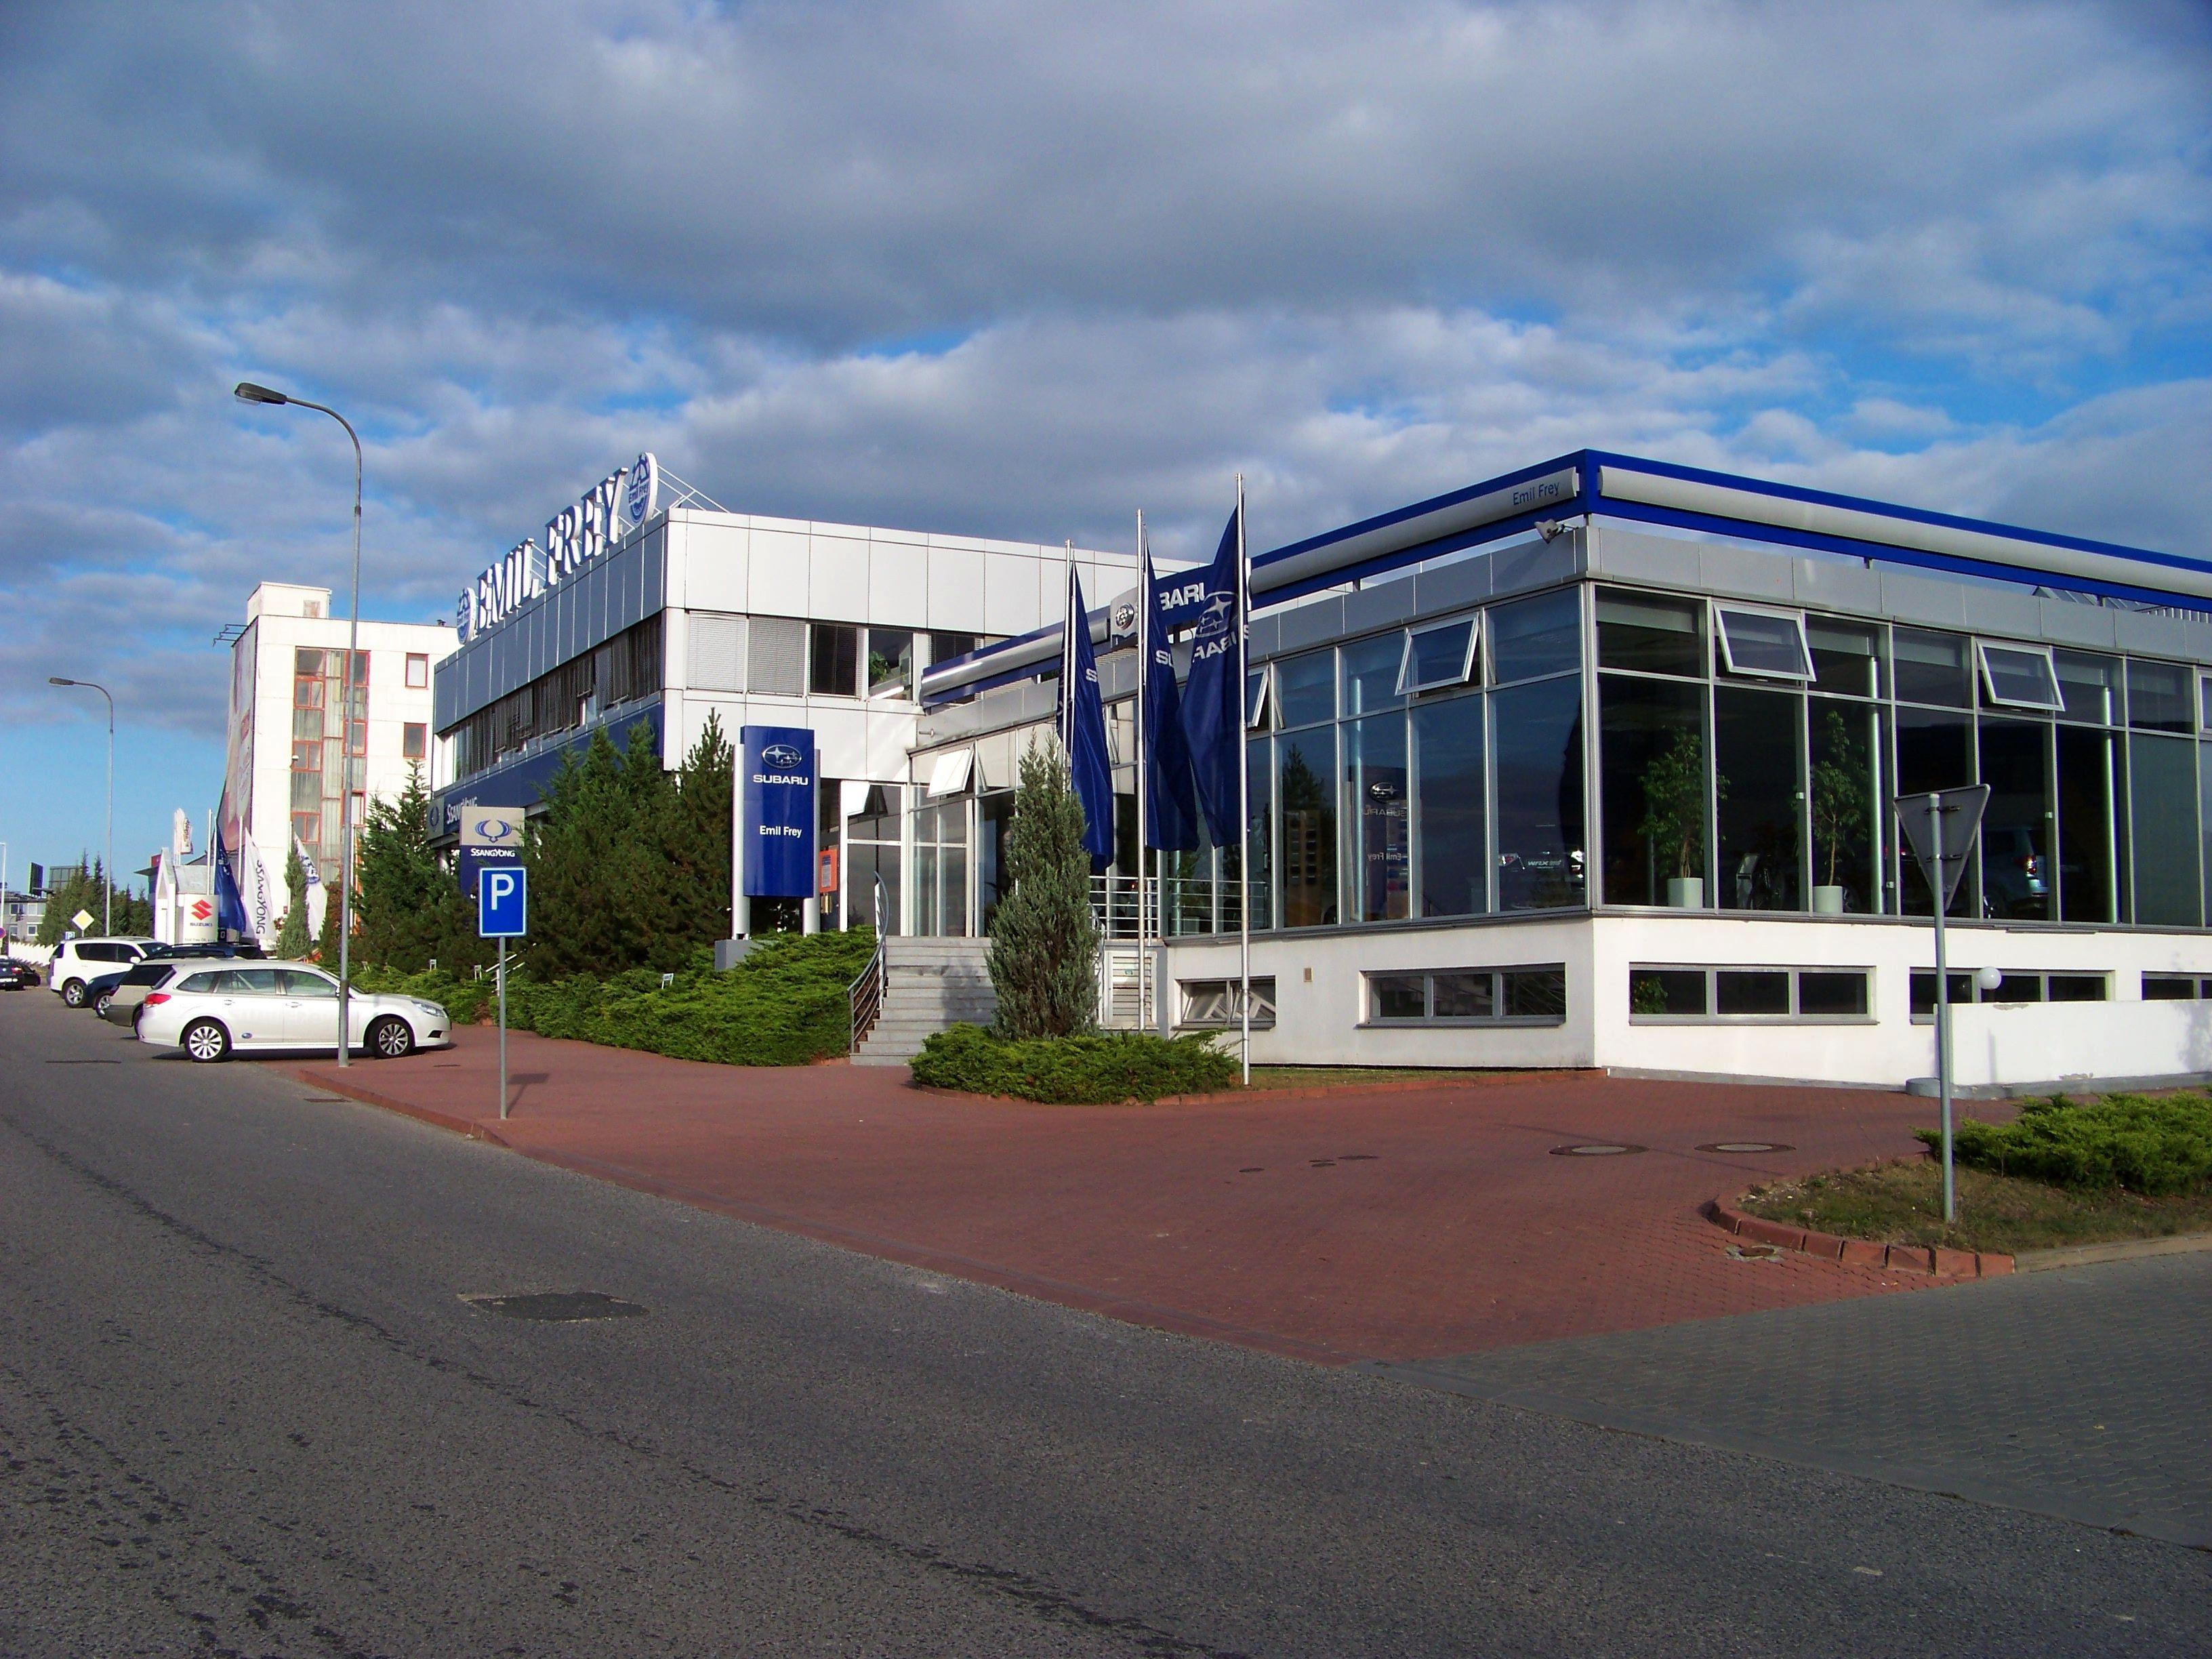 File:Jinonice, Pekařská, Autocentrum Stodůlky Emil Frey.jpg ...